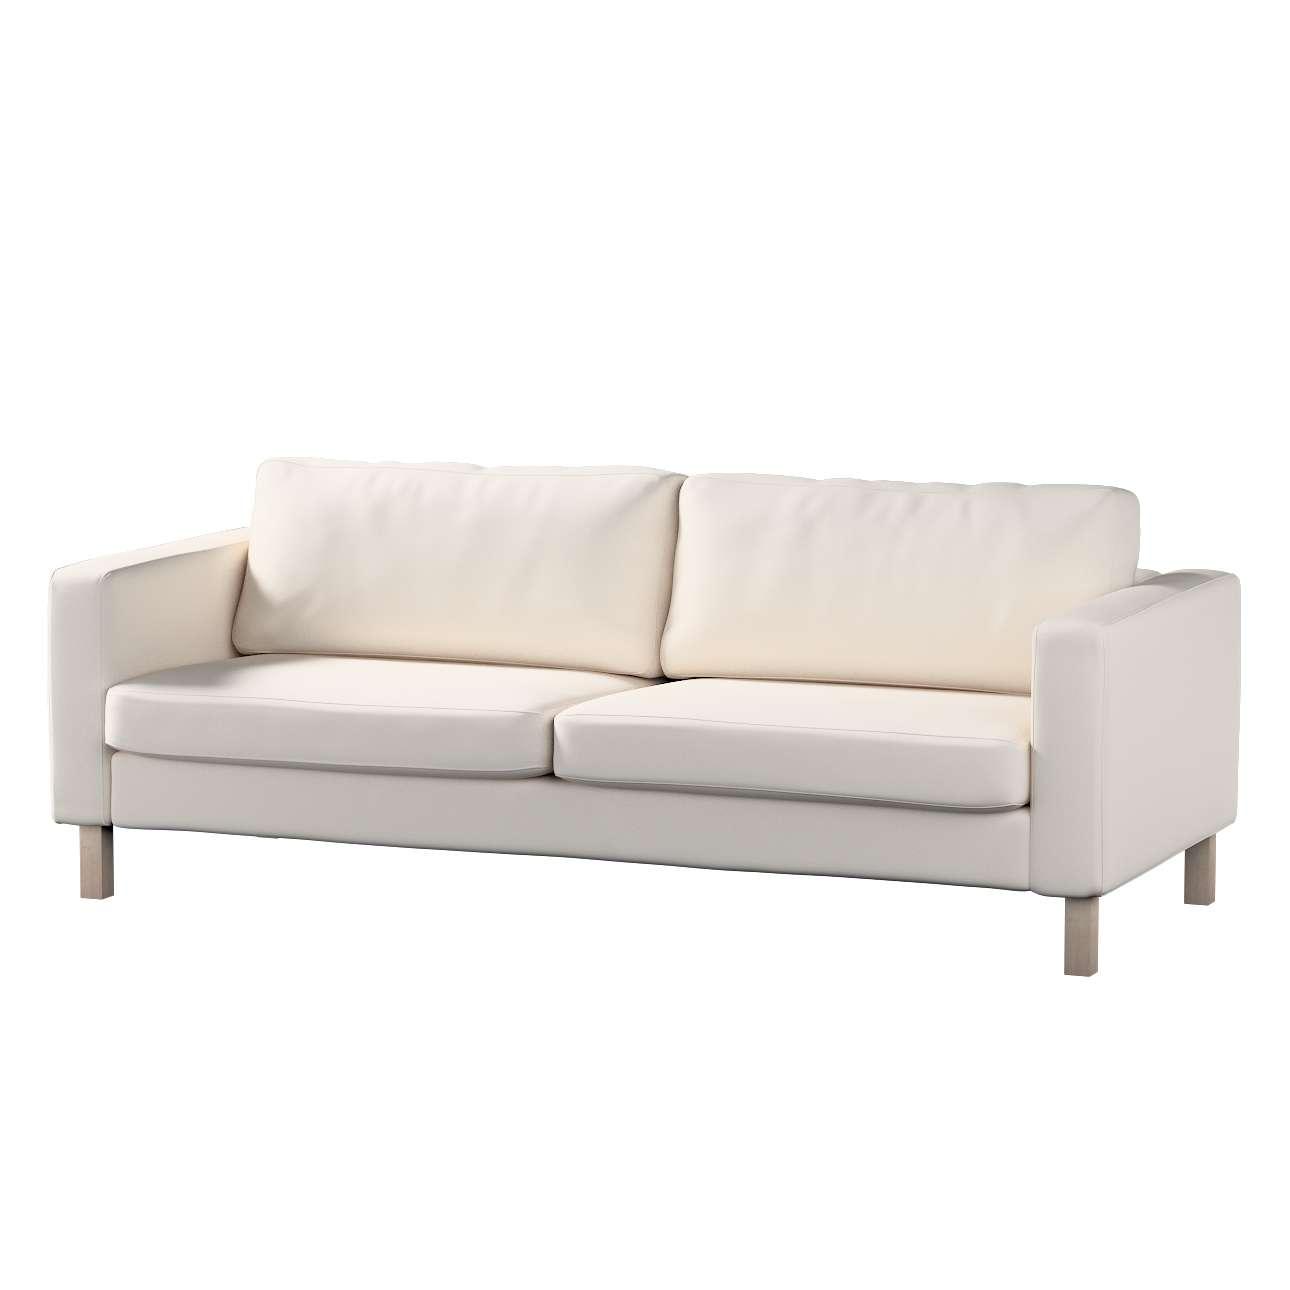 Pokrowiec na sofę Karlstad 3-osobową nierozkładaną, krótki w kolekcji Etna, tkanina: 705-01